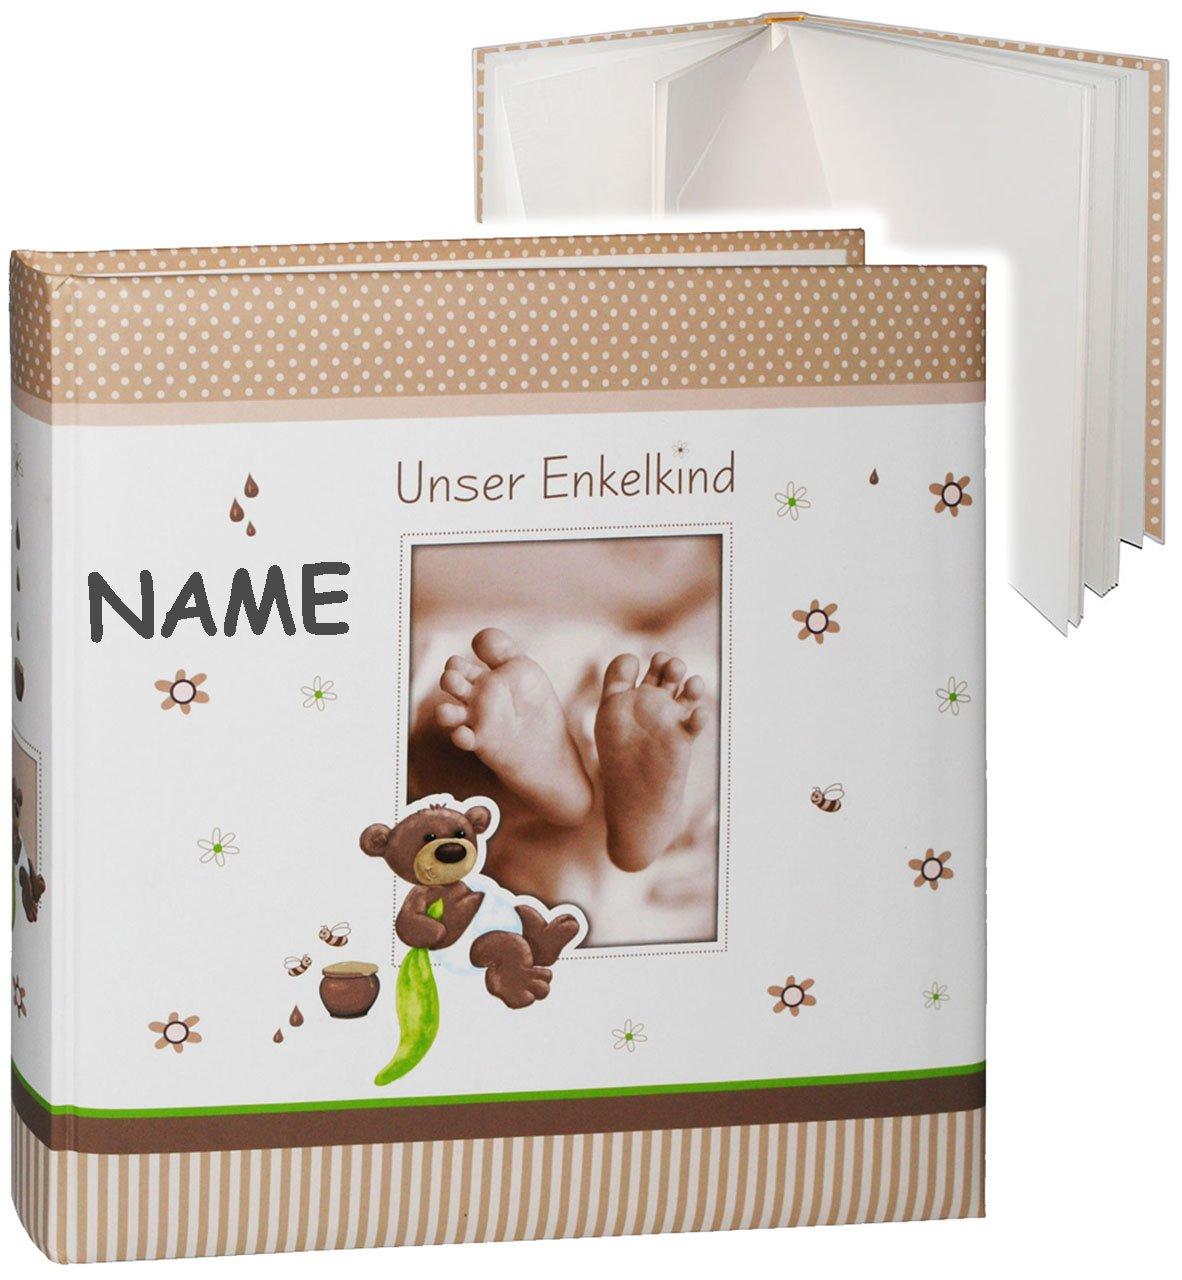 alles-meine.de GmbH gro/ßes Fotoalbum Gebunden zum Einkleben /& Eintragen Unser Enkelkind blanko wei/ß Name /_/_ s/ü/ßer Teddyb/är /& Babyf/ü/ße /_/_ Album incl gro/ß 60 Seiten ..